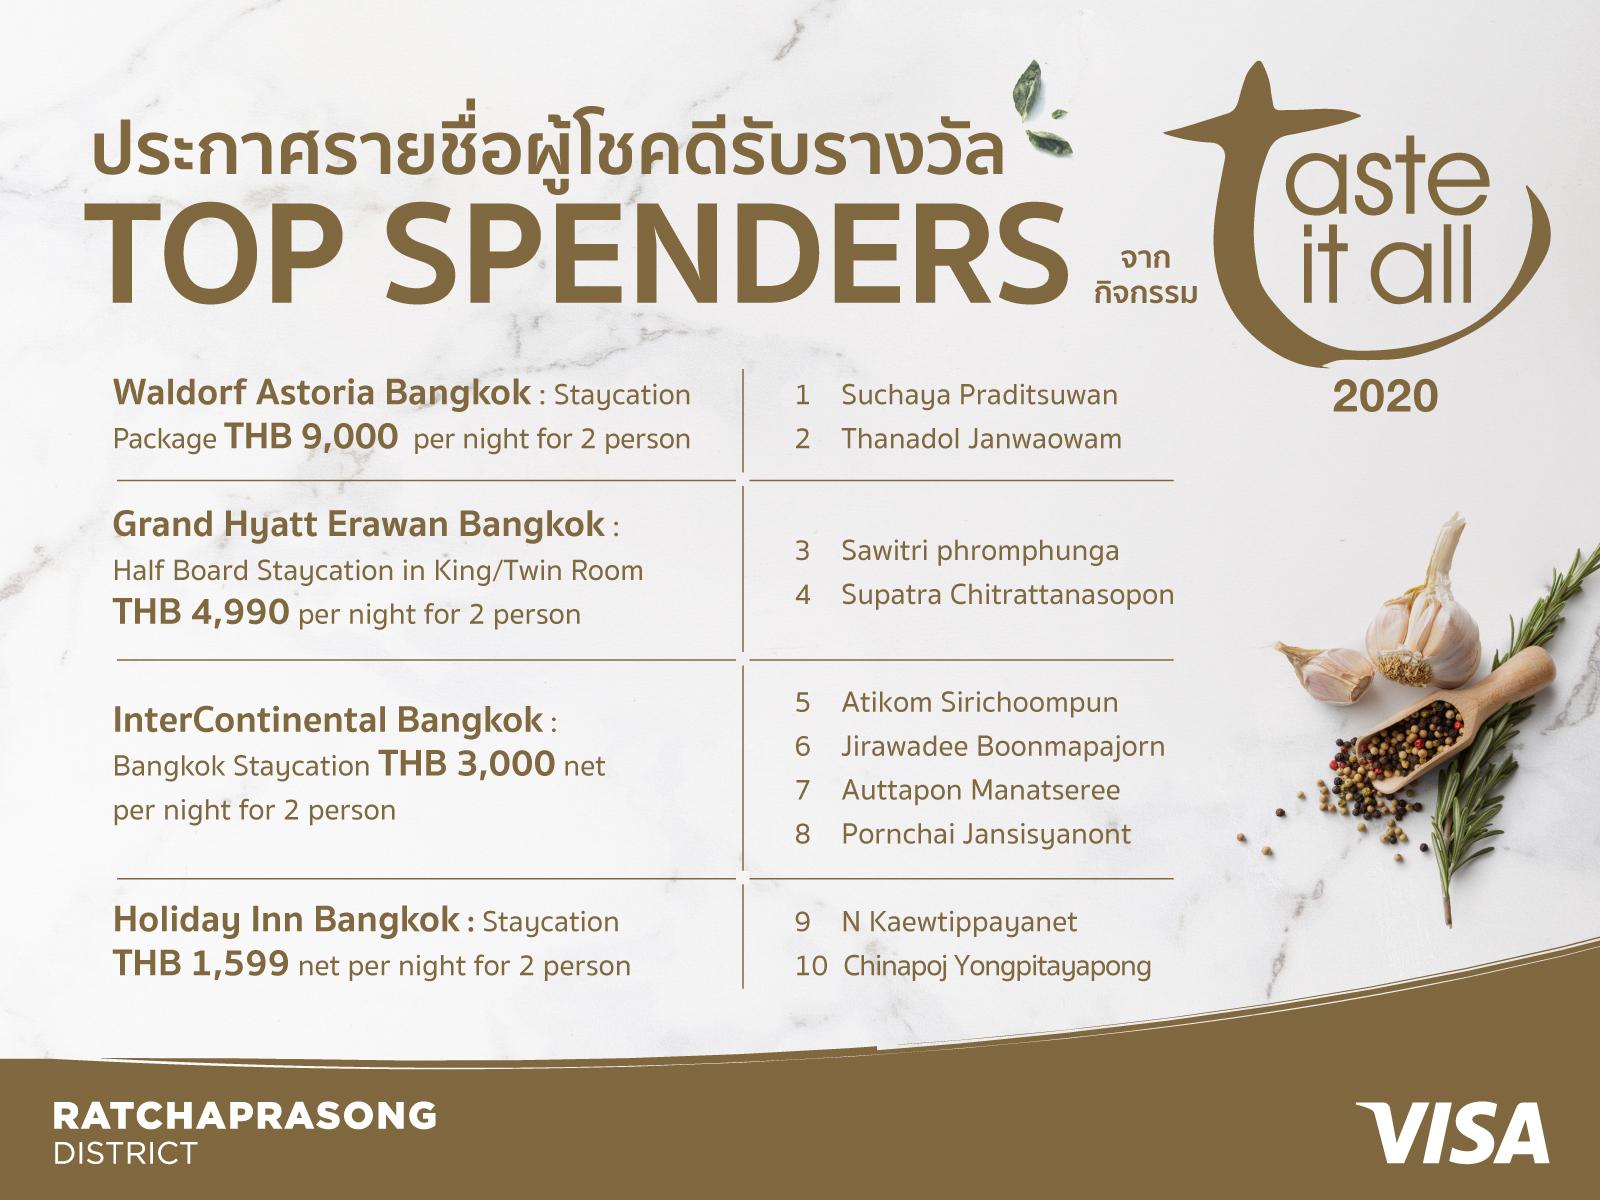 ประกาศรายชื่อ TOP SPENDER จำนวน 10 ท่าน ที่ได้รับรางวัล Staycation package จากแคมเปญ Taste It all 2020 @Ratchaprasong